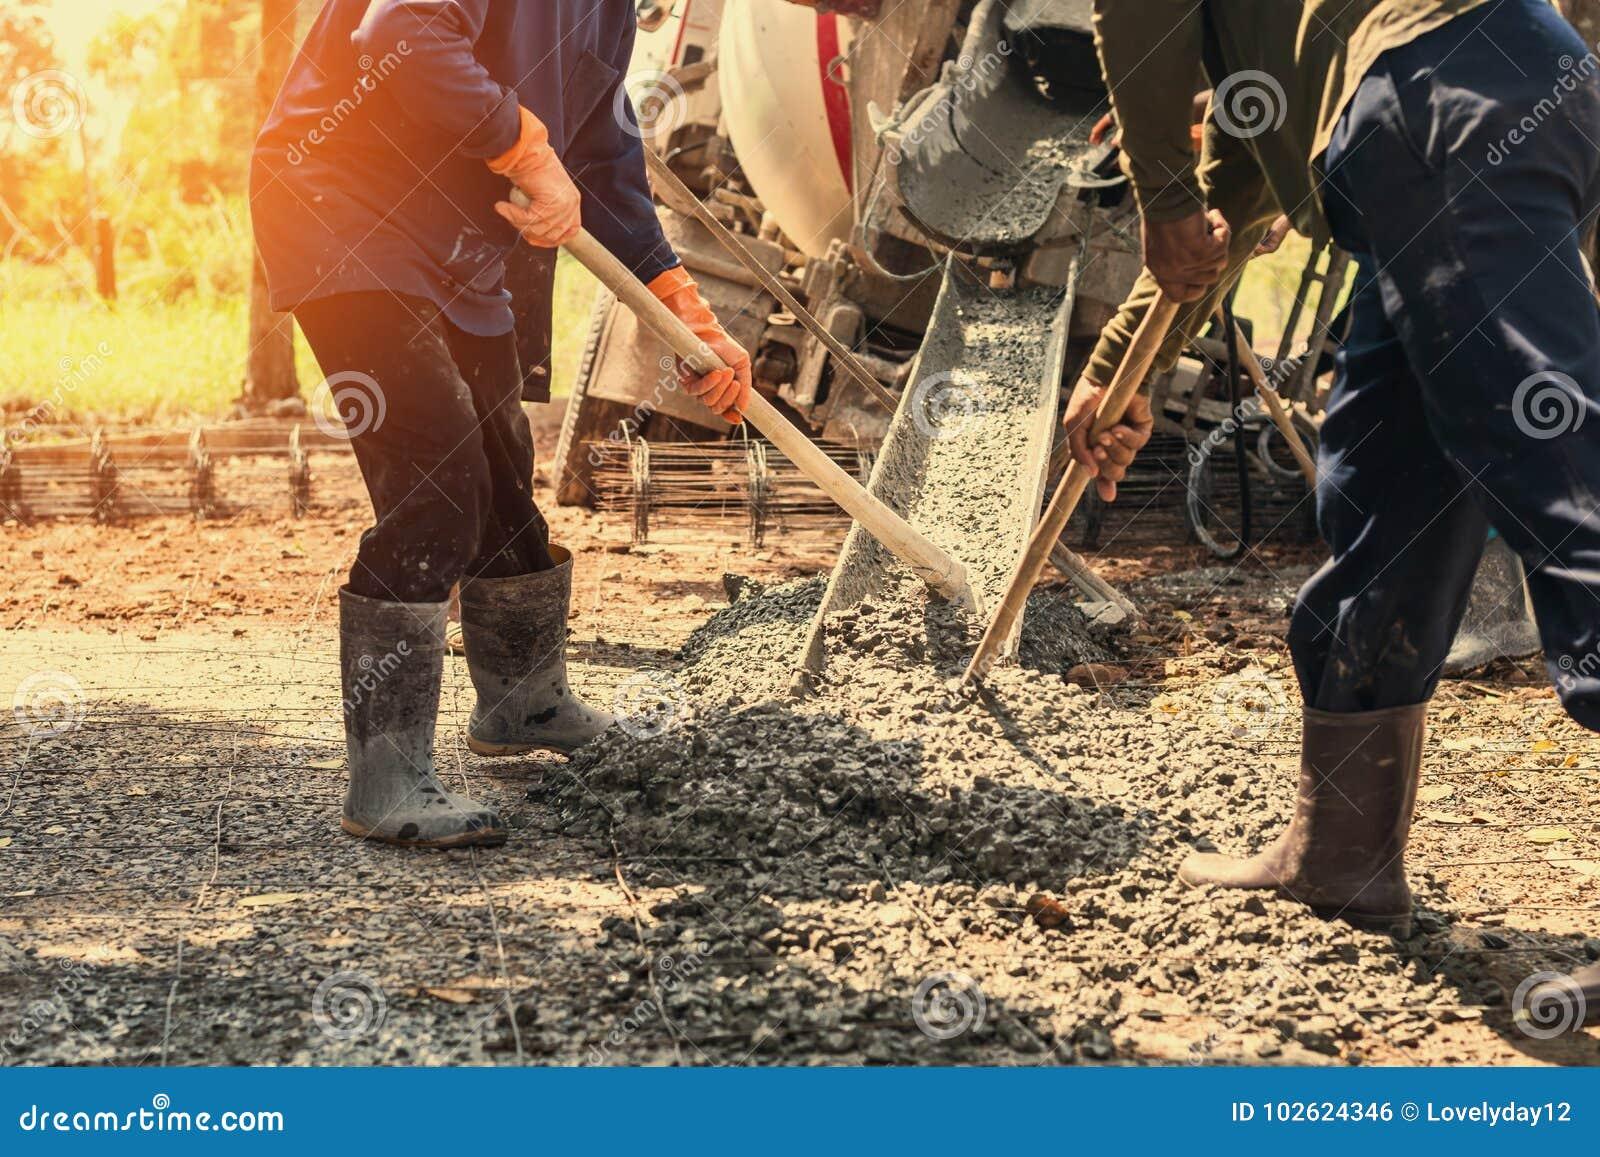 лить бетон с работником смешивает цемент на конструкции